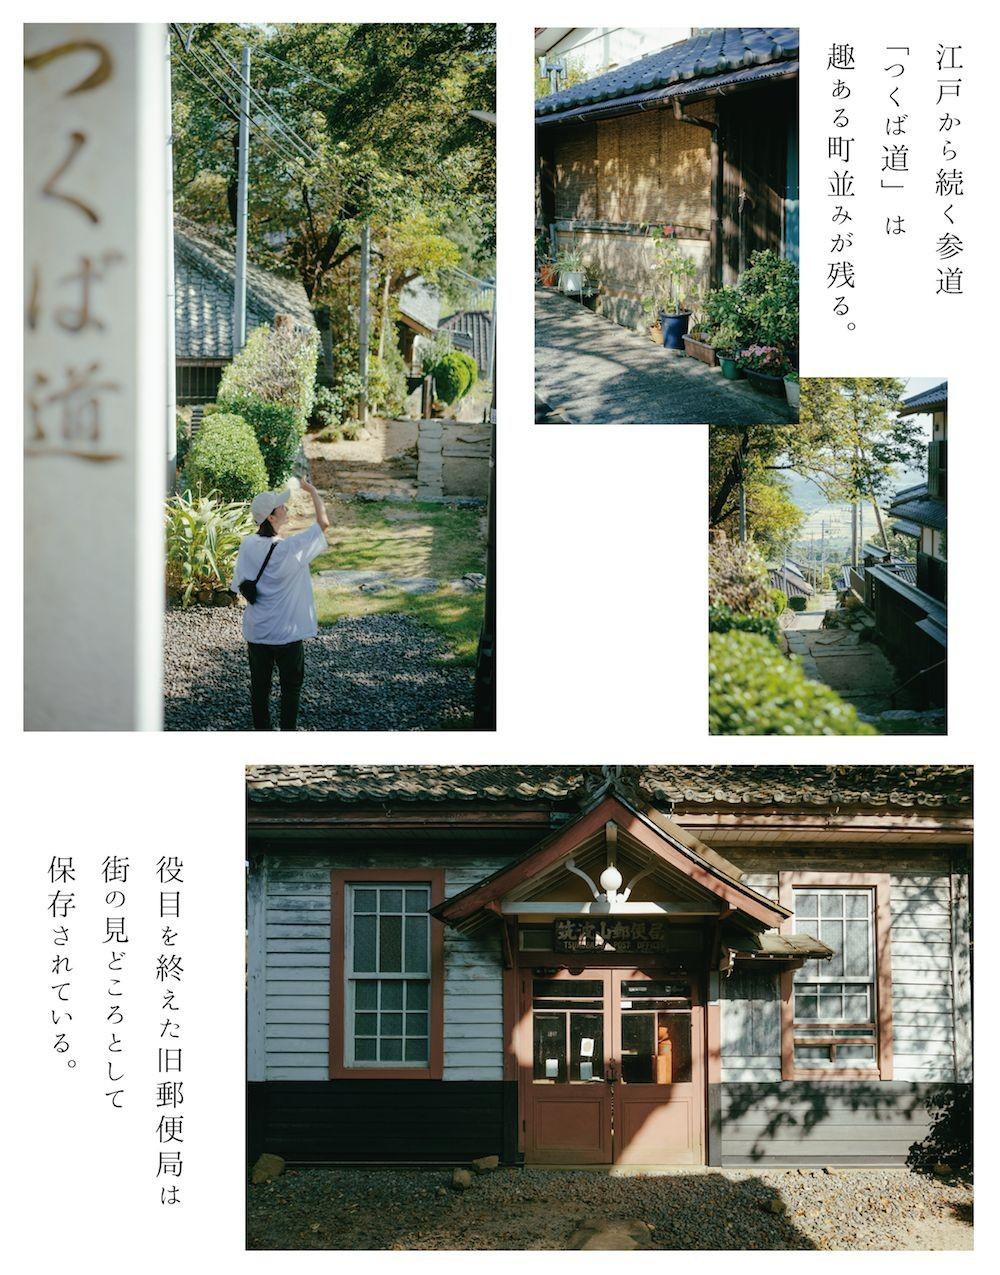 【STAY】自転車旅の疲れを癒す、こころ和む宿|「美しき、田舎景色を訪ねて。茨城自転車ものがたり。」の7枚目の画像